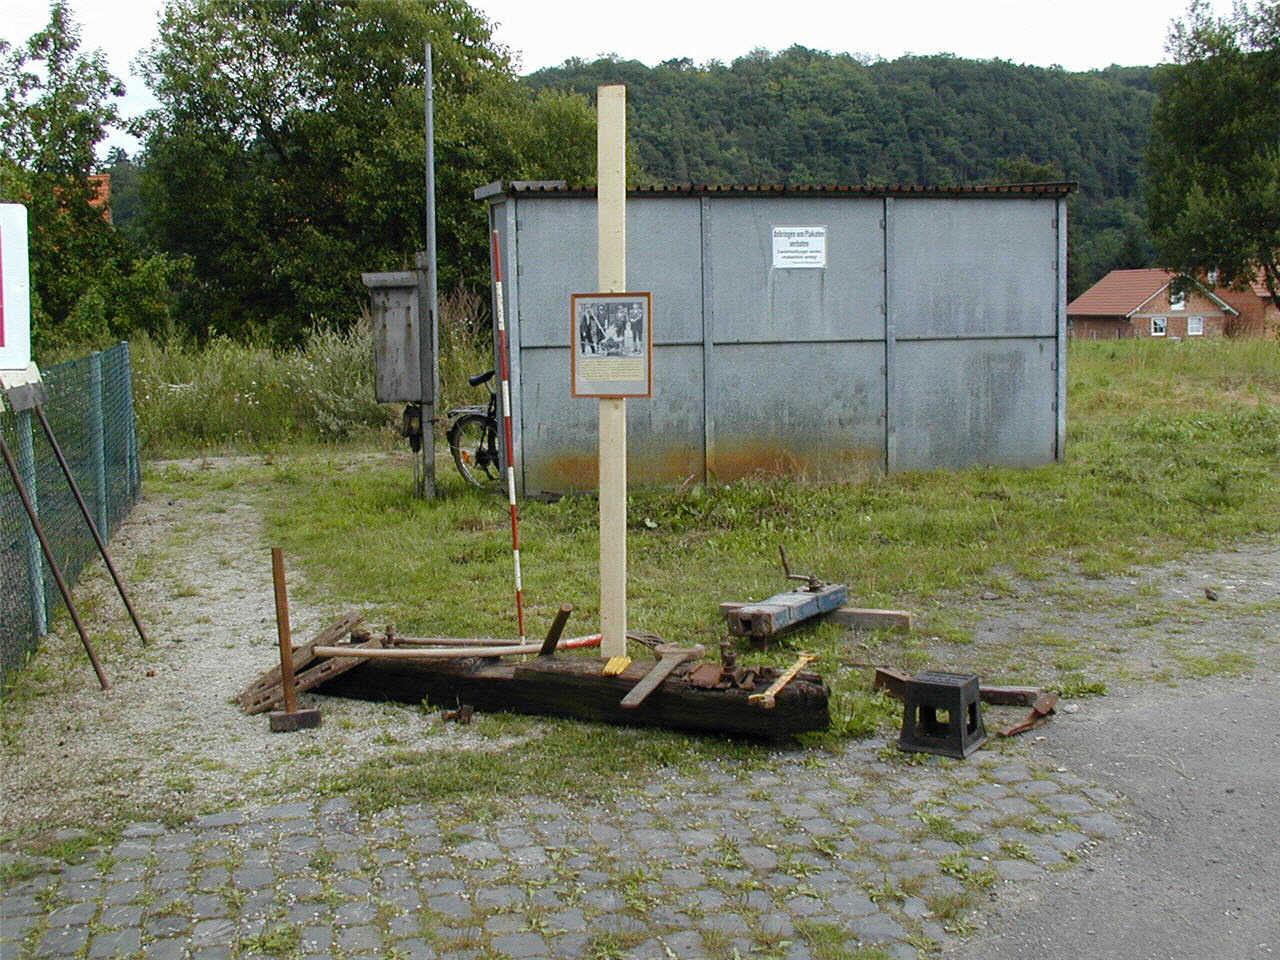 Bahnhof Viermünden, altes Werkzeug für den Gleisbau. (© Detlef Battefeld)